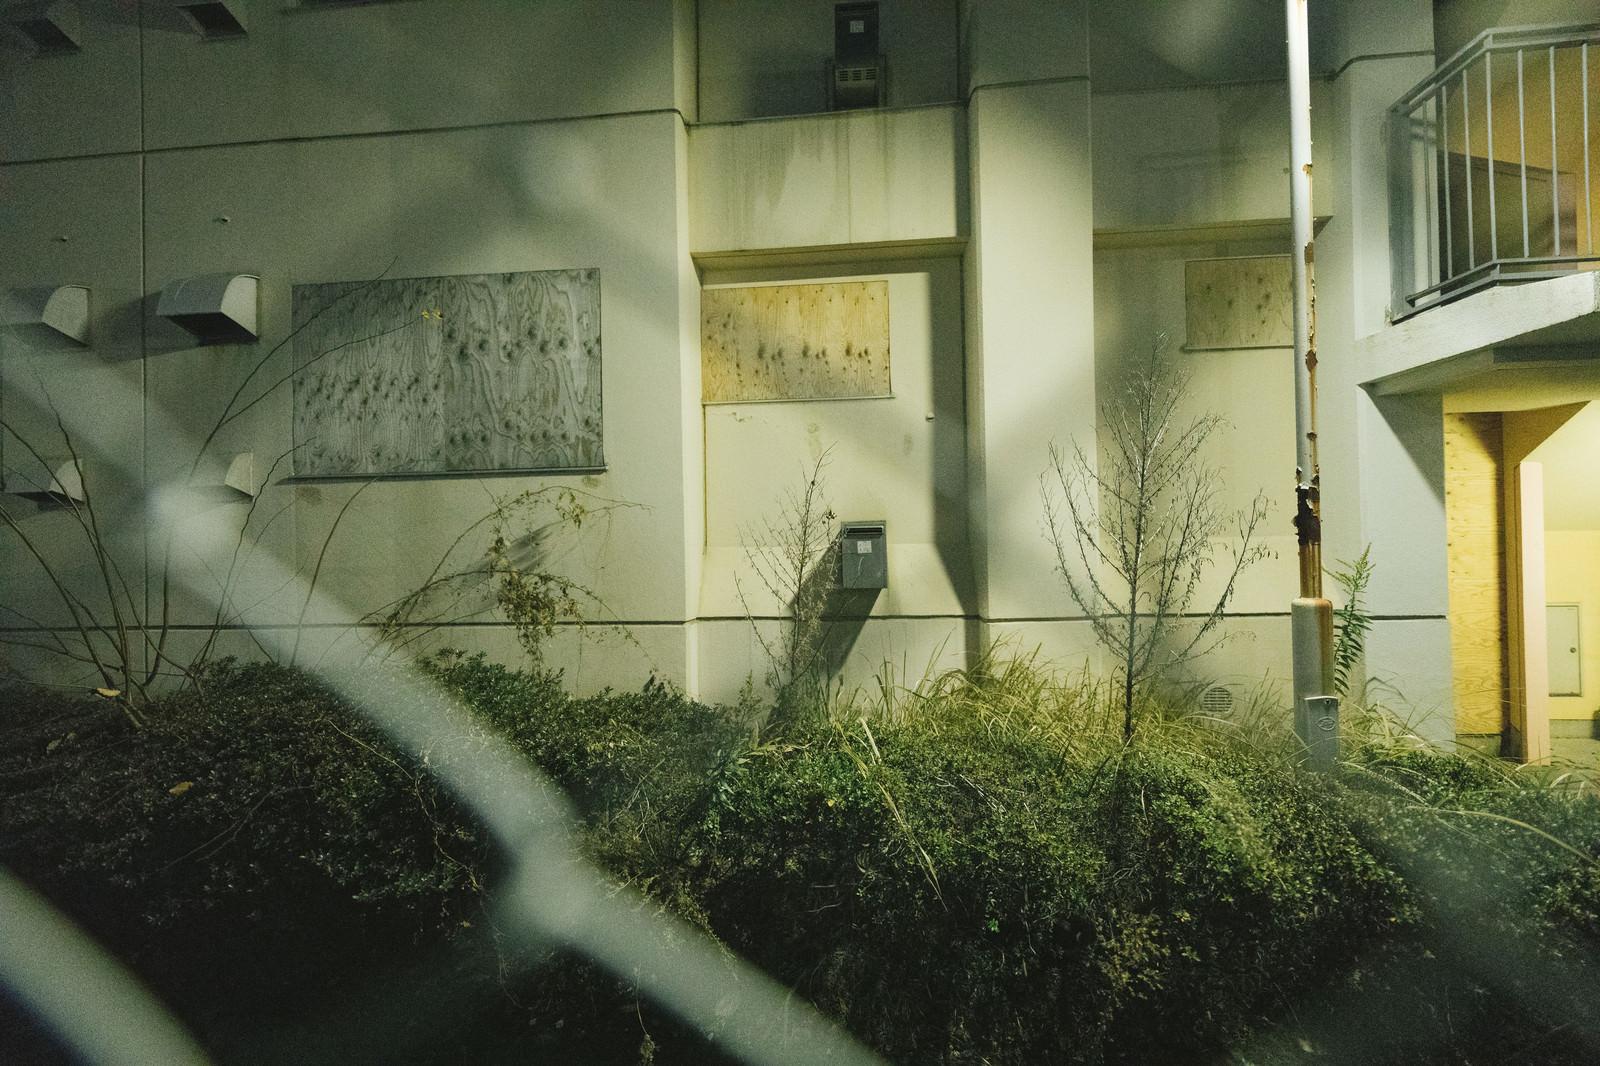 「誰も住んでいいない深夜の団地誰も住んでいいない深夜の団地」のフリー写真素材を拡大